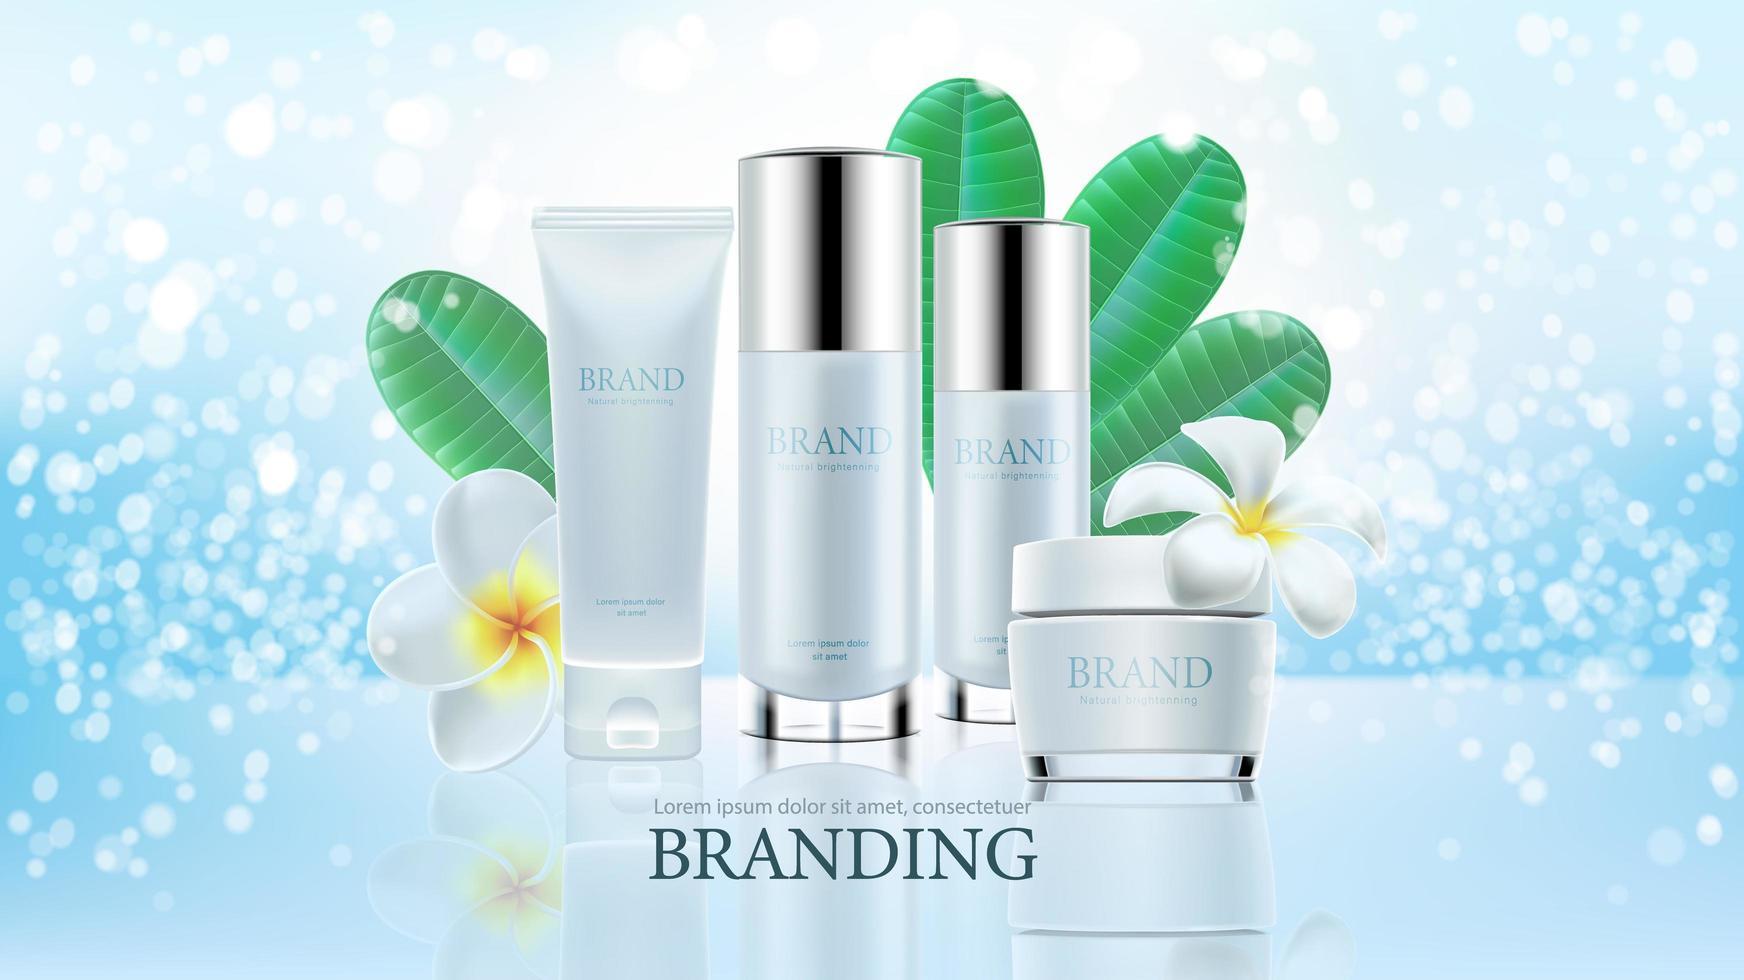 kosmetische Produktanzeigen auf blauem klarem Hintergrund vektor